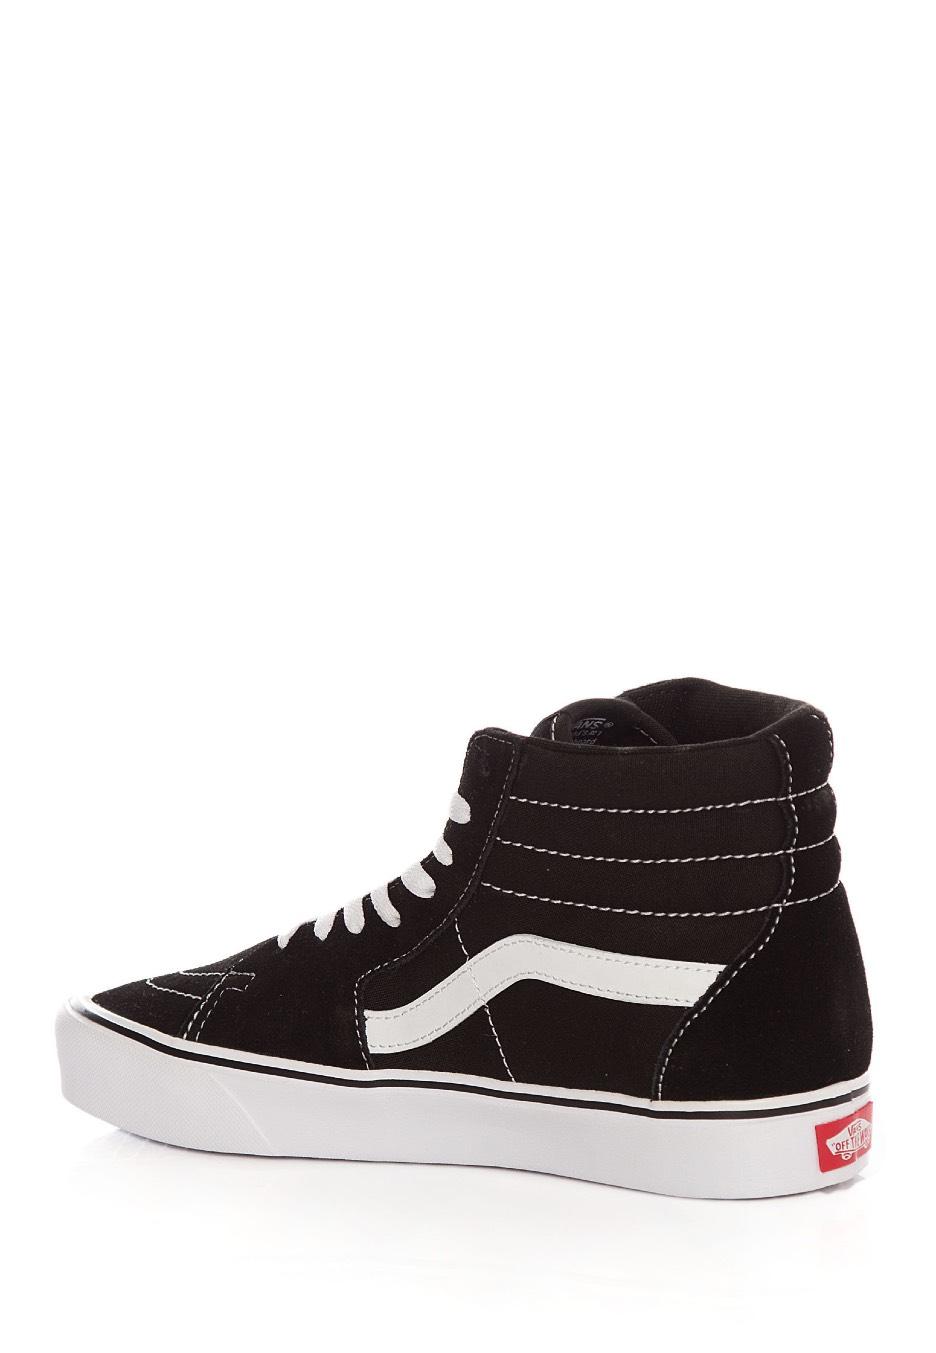 4cb61fe281 Vans - Sk8‐Hi Lite Suede Canvas Black White - Női cipők - Impericon ...